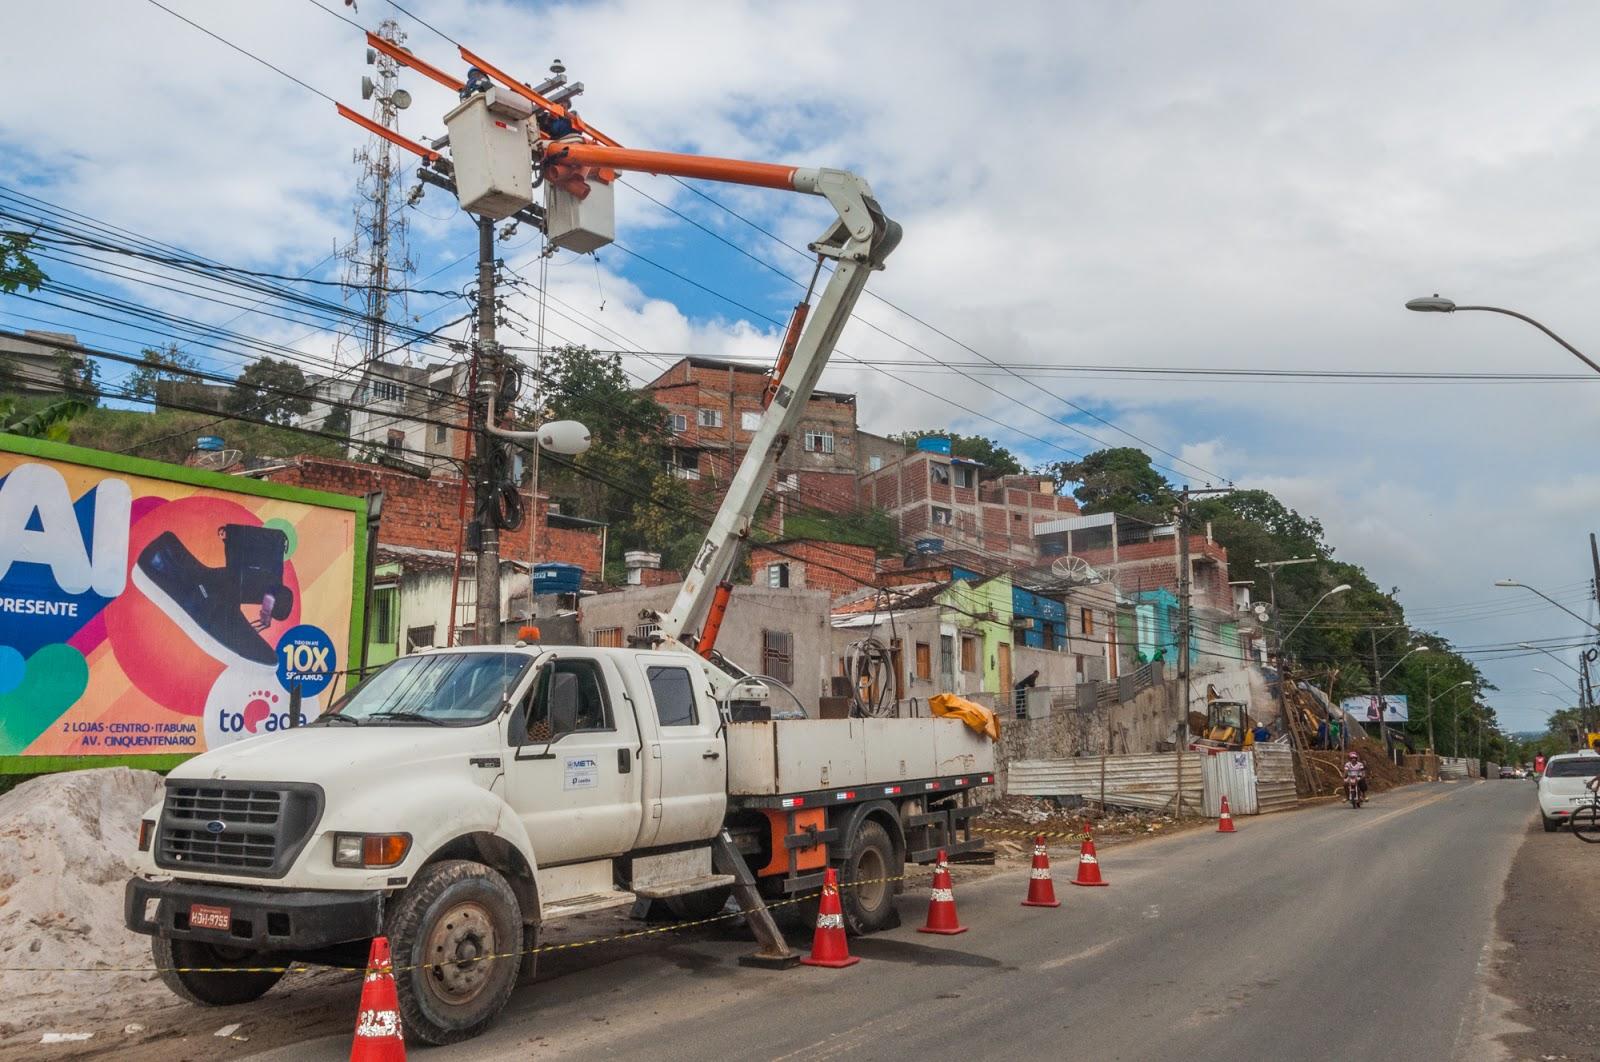 ebe77f5ce5db3 Foram trocados 226 metros de fios condutores antigos para geração de  energia nas residências e na área externa. A troca do material irá garantir  maior ...